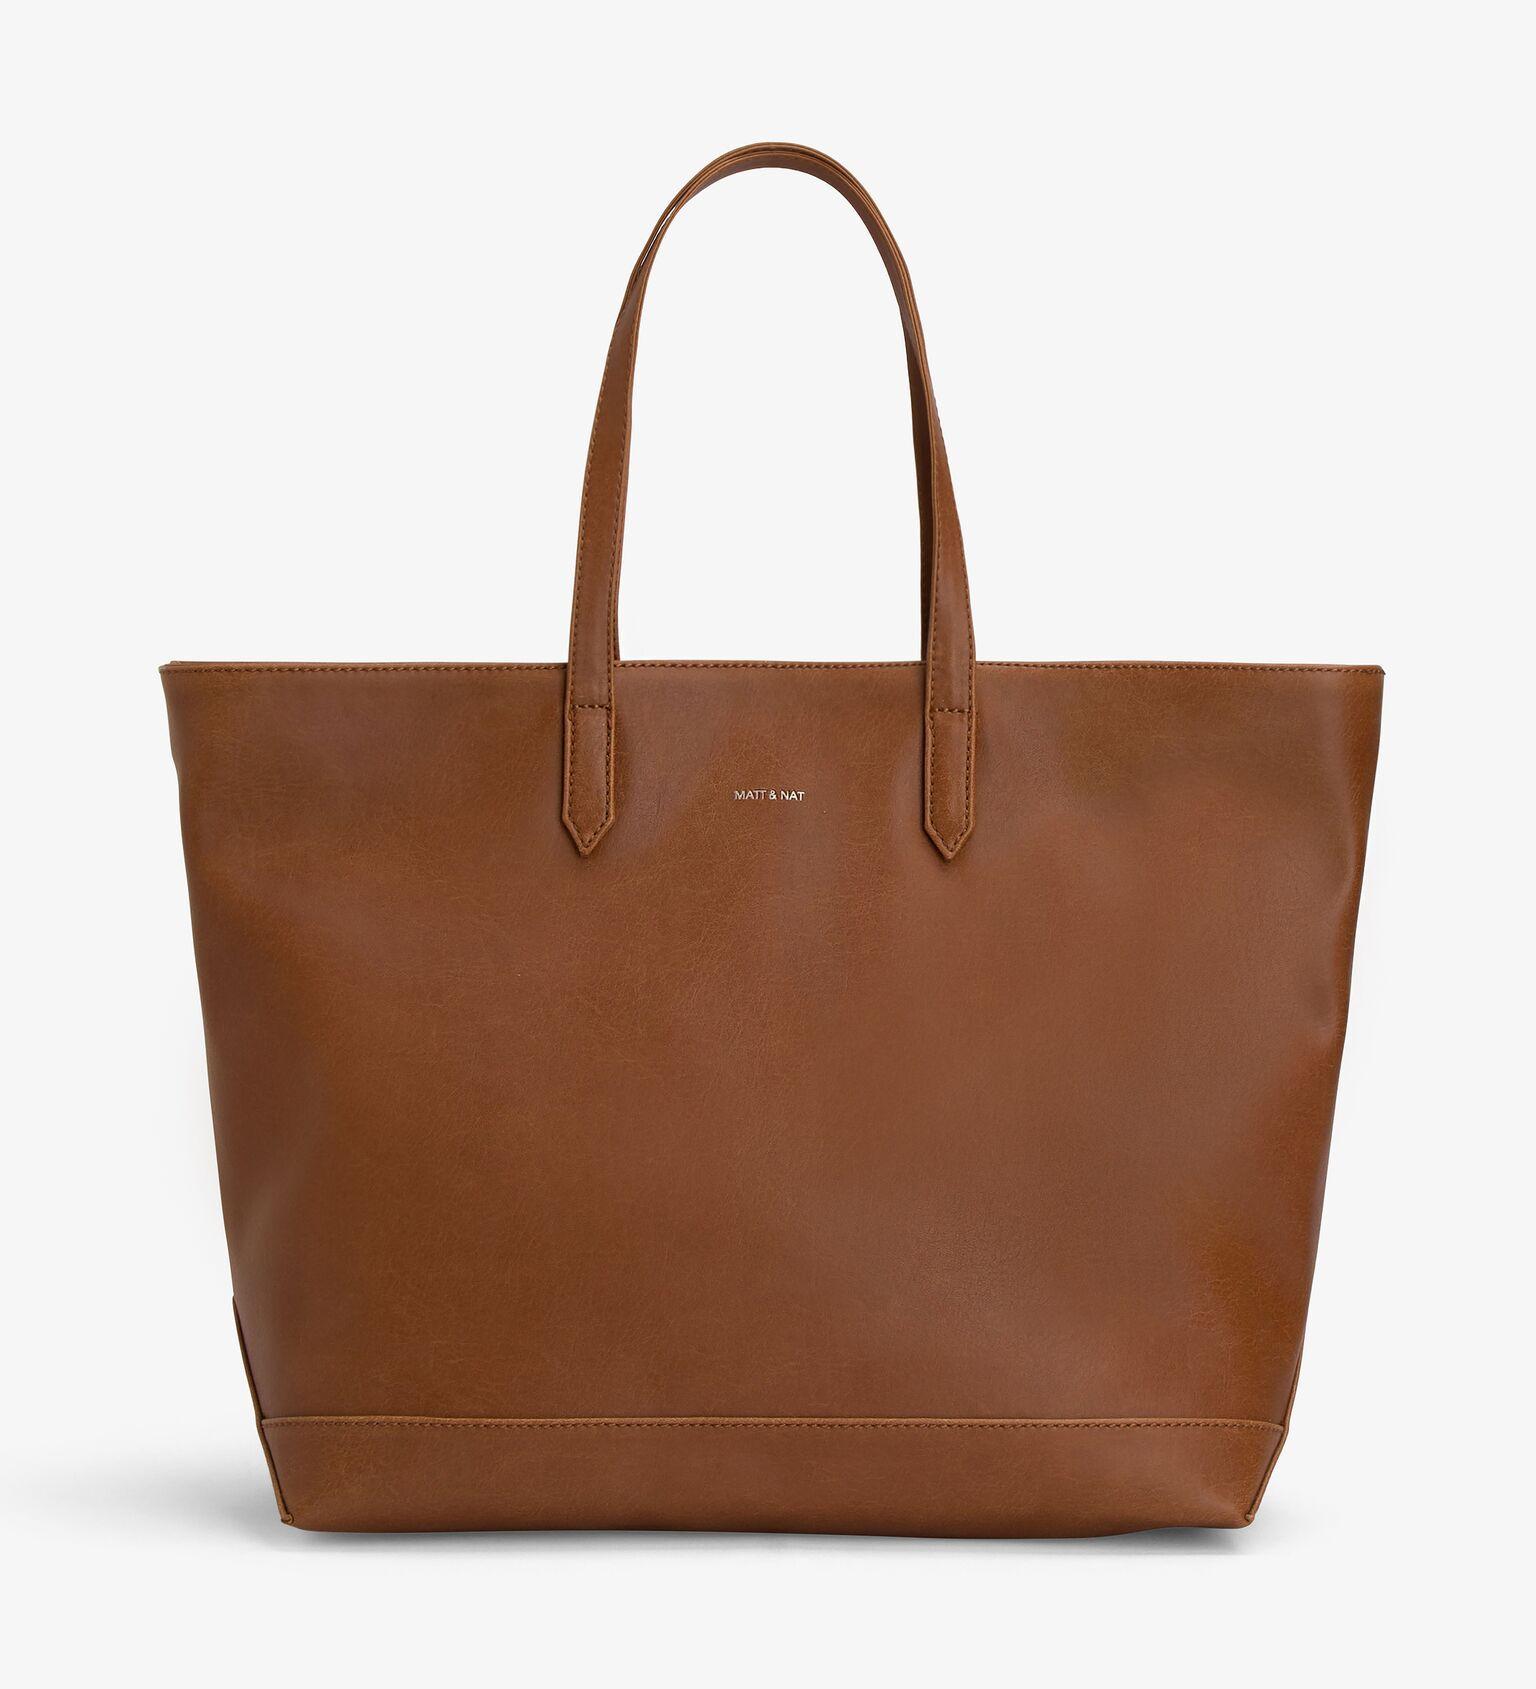 Knapzak met flair Dit iseen van de populairdere modellen vanMatt & Nat. Je hoeft maar een blik op de tas te werpen om dat te verklaren. Mooi, fijn in de omgang en vegan. Pfff…sommige tassen hebben ook alles mee.     Details – 13 inch laptop past in de tas – Vak binnenkant met rits – Gerycyclede PET-flessen+vegan leer – Afmetingen tas: 45,7 x 33 x 16,5 cm. – Handgrip: 21,6 cm.